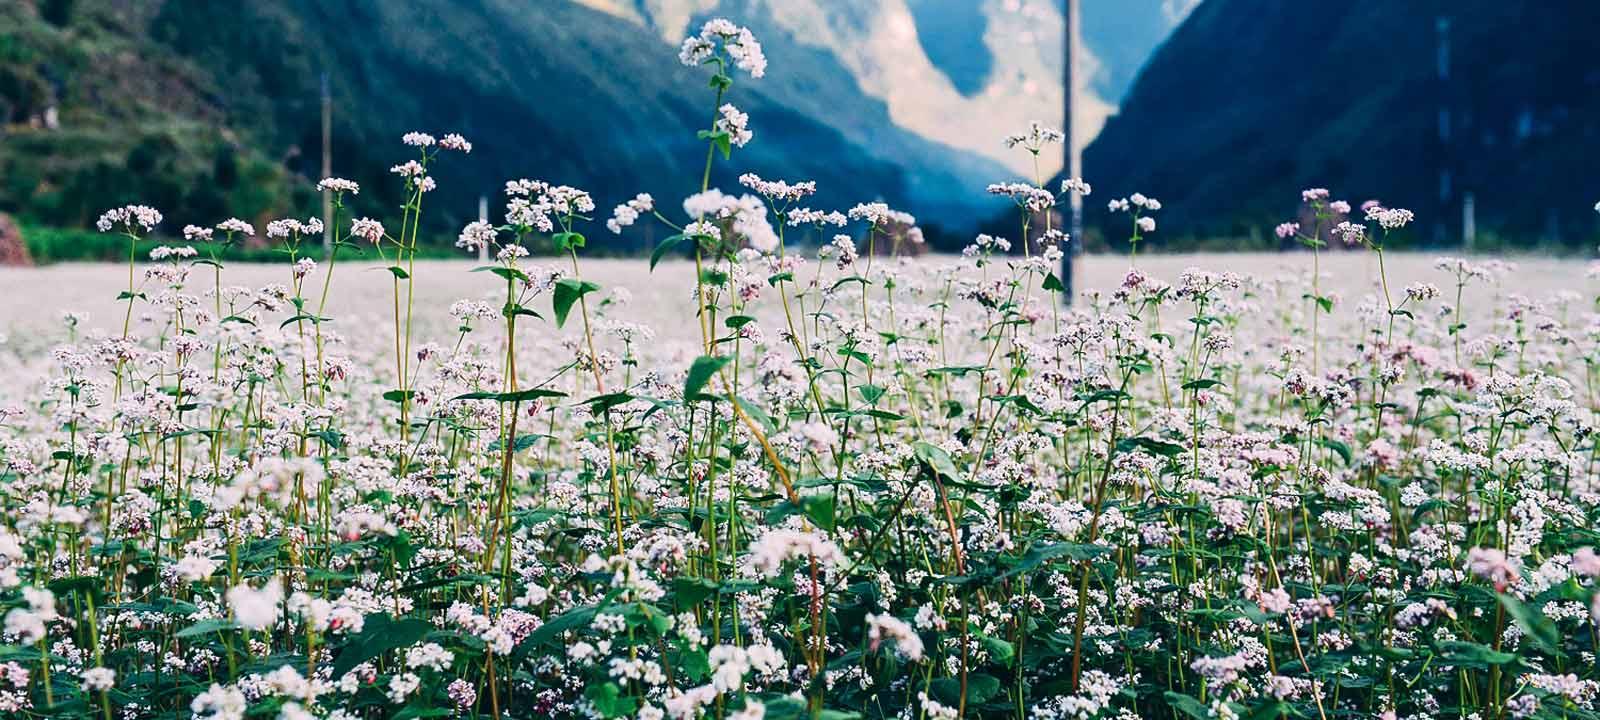 Saison des fleurs de sarrasin à Ha Giang